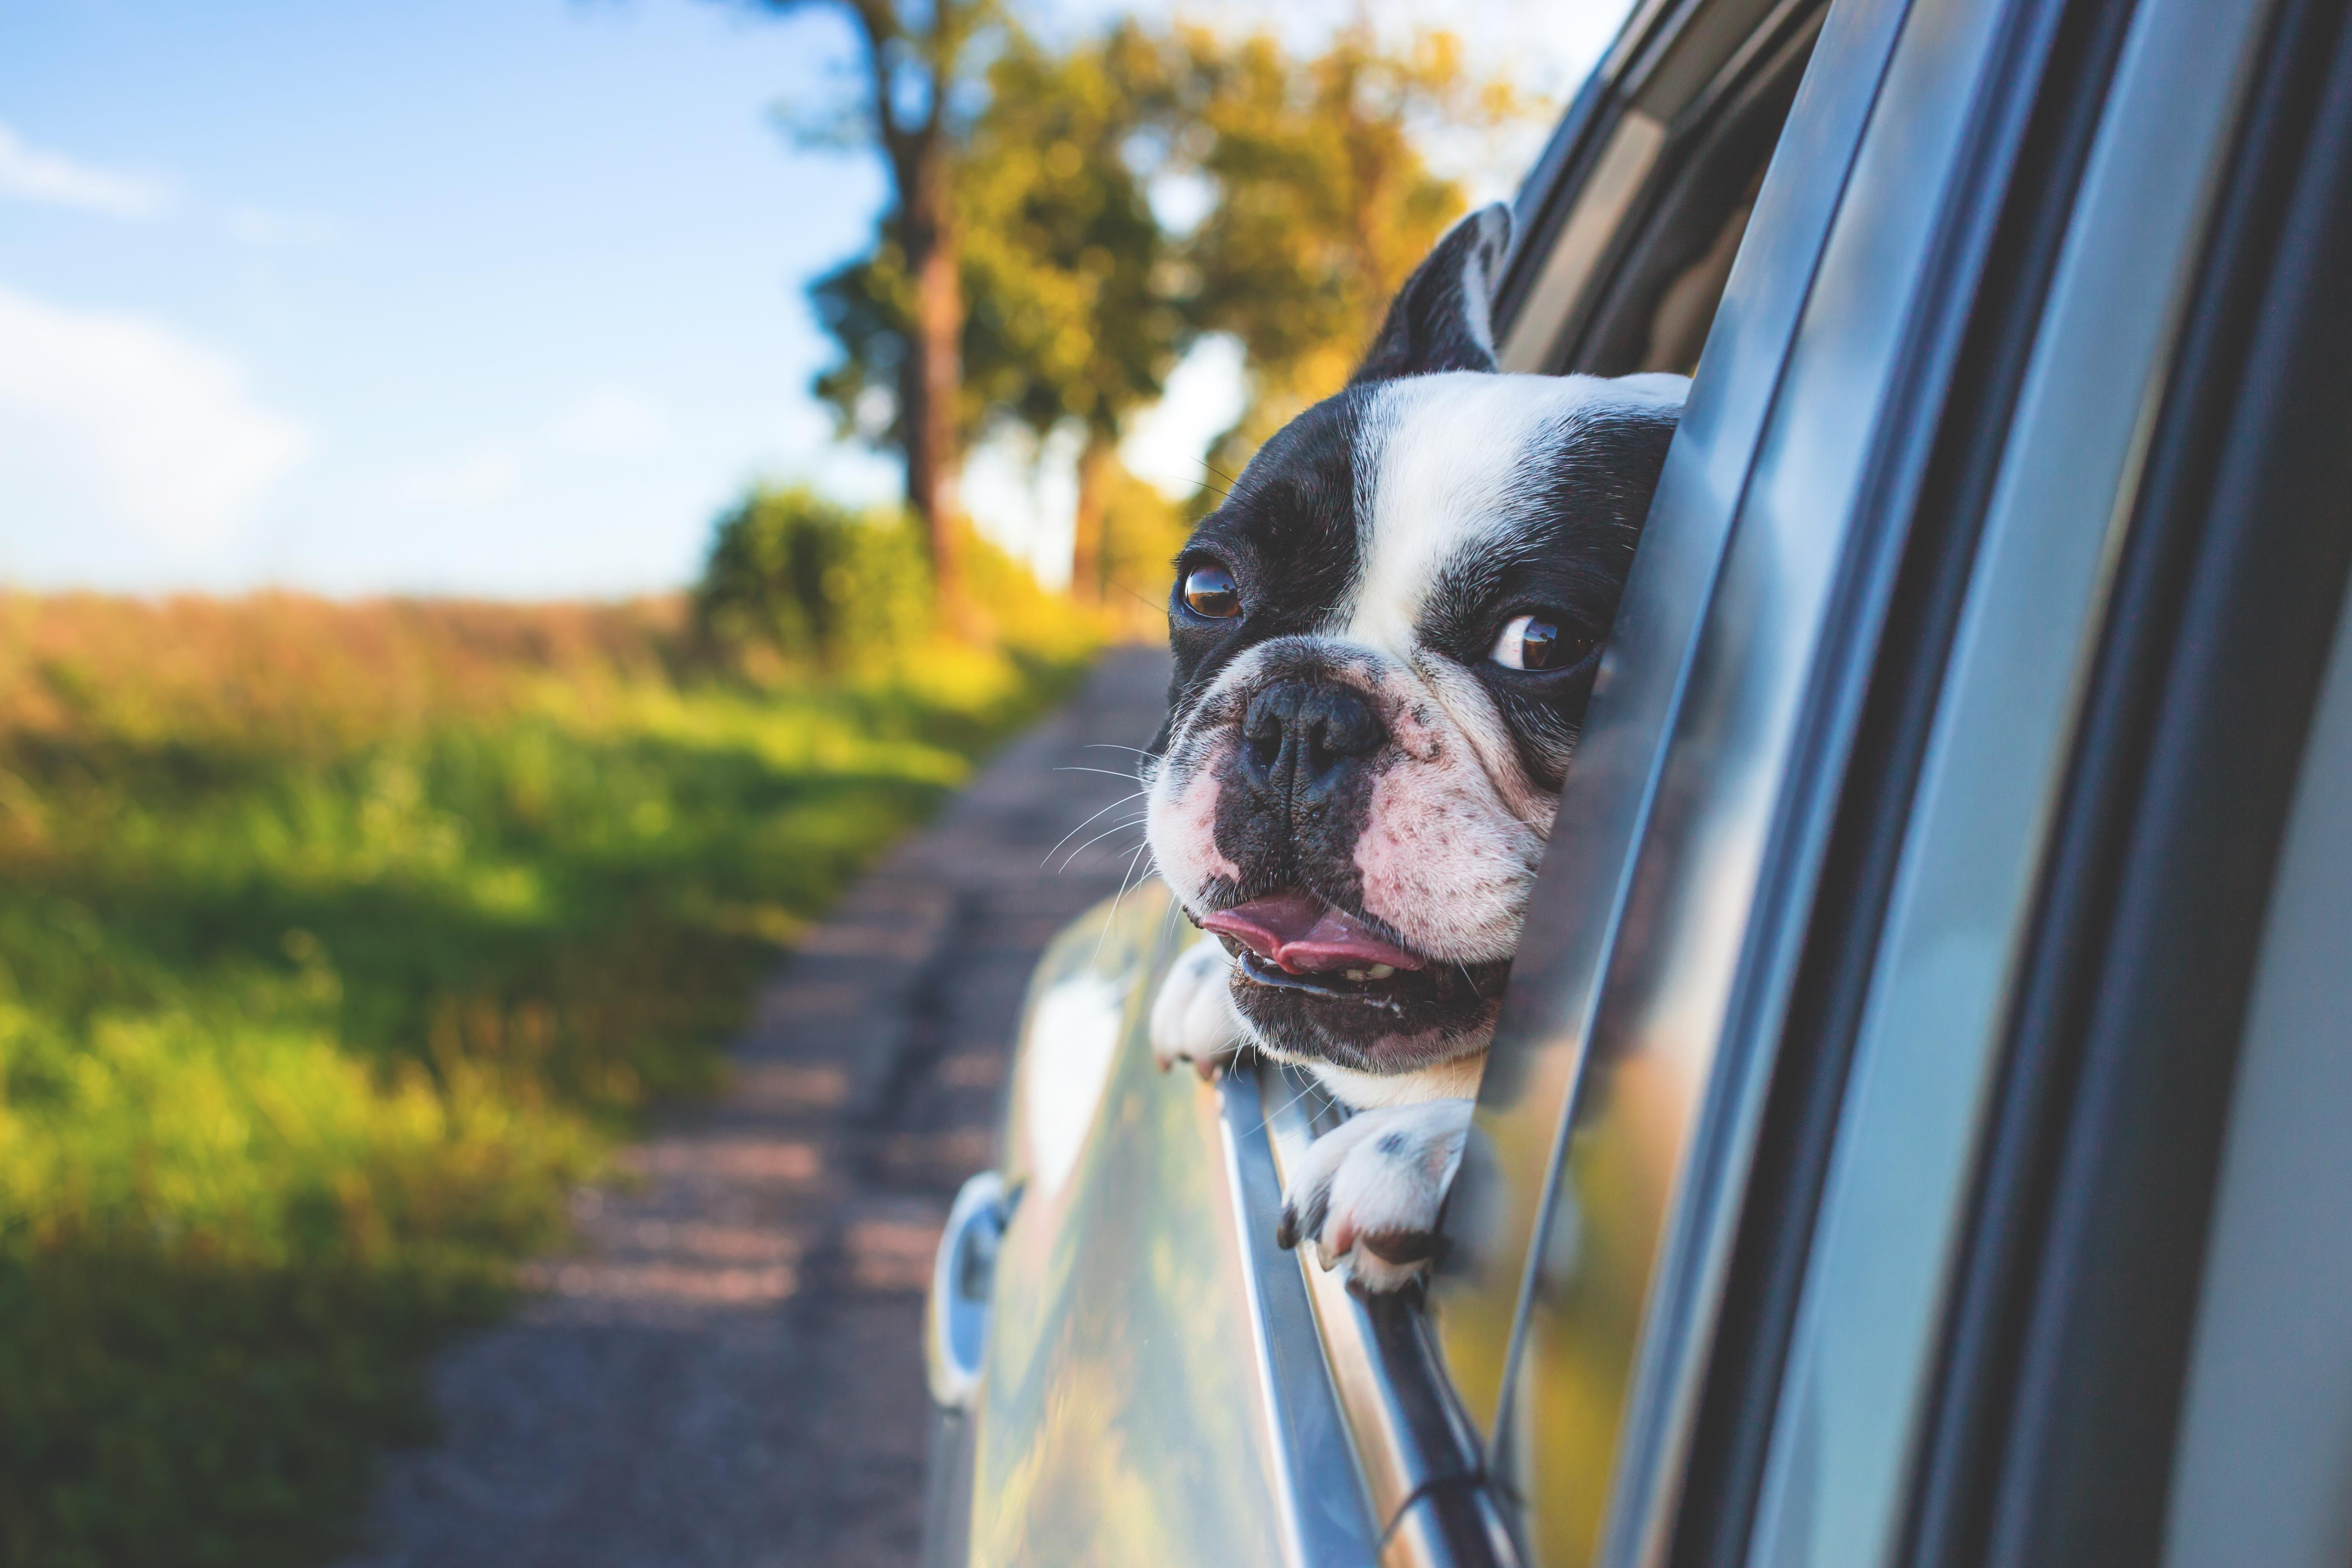 Cool Bulldog Canine Adorable Dog - grass-car-window-dog-animal-cute-canine-pet-mammal-bulldog-vertebrate-adorable-french-bulldog-boston-terrier-dog-like-mammal-936530  Snapshot_372096  .jpg